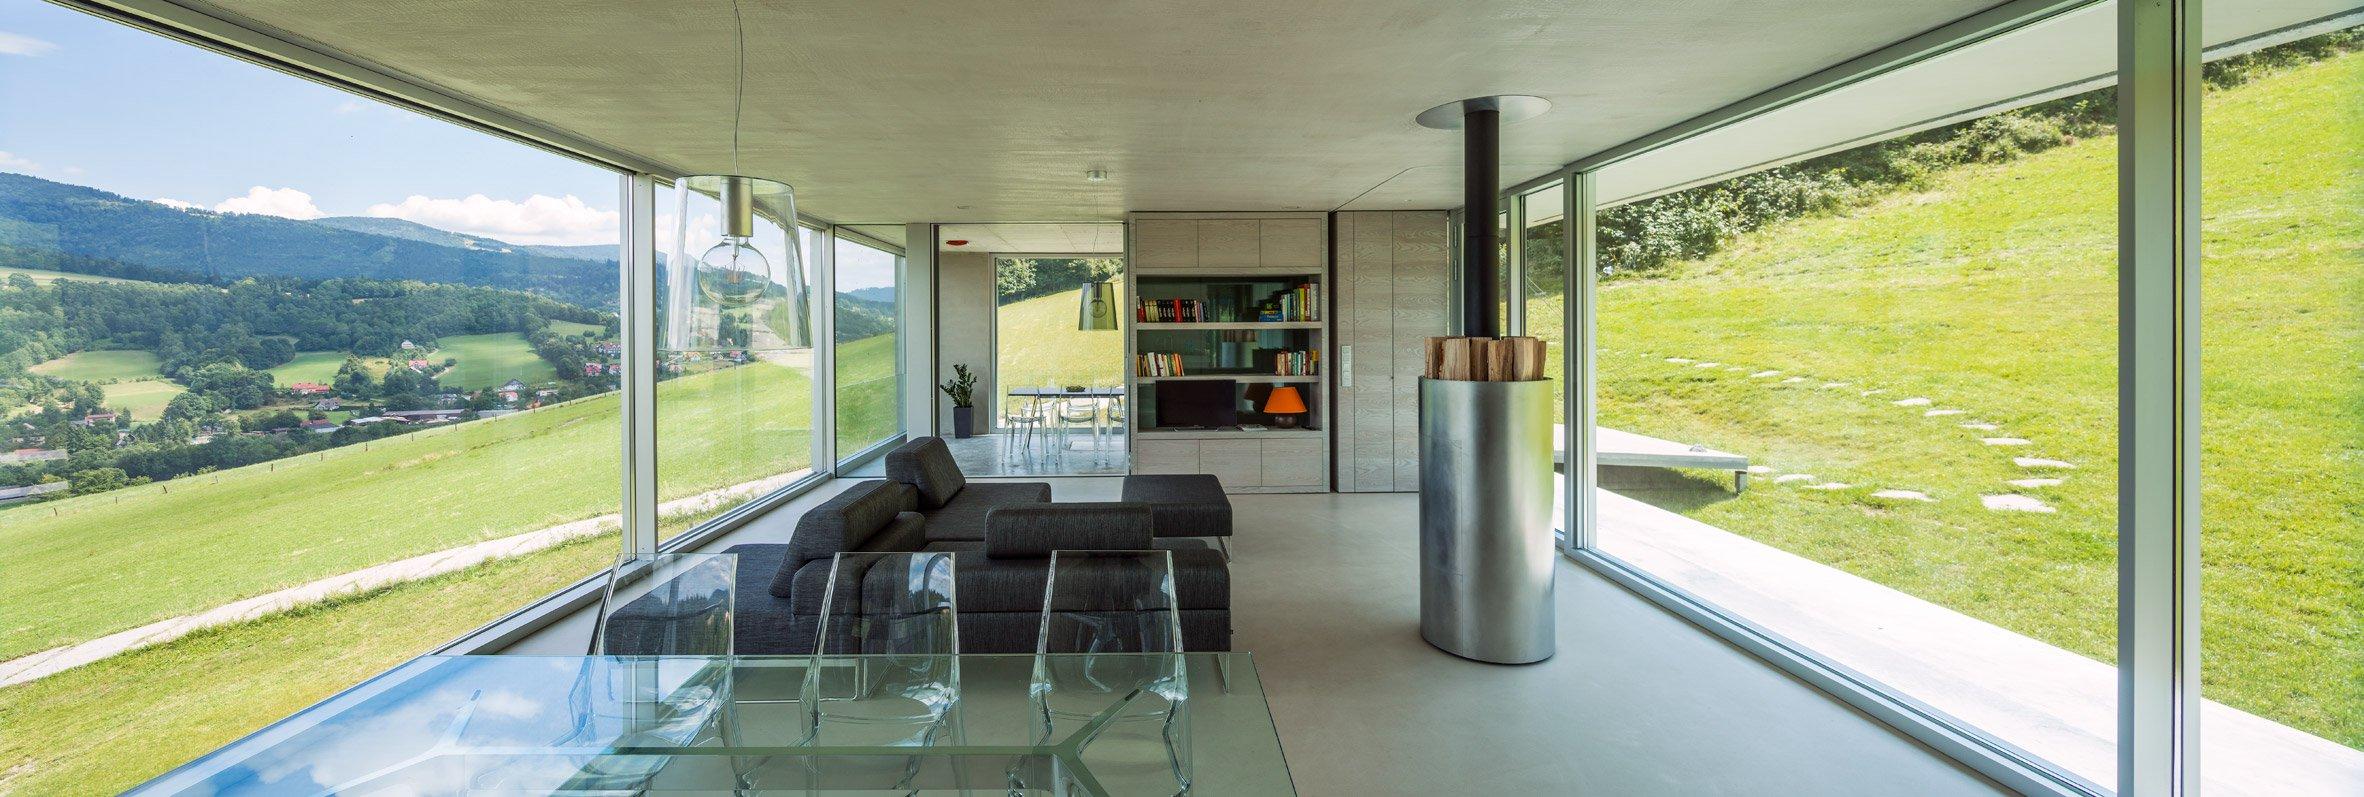 konieczny-ark-robert-konieczny-architecture-residential-krakow-poland-houses_dezeen_2364_col_12